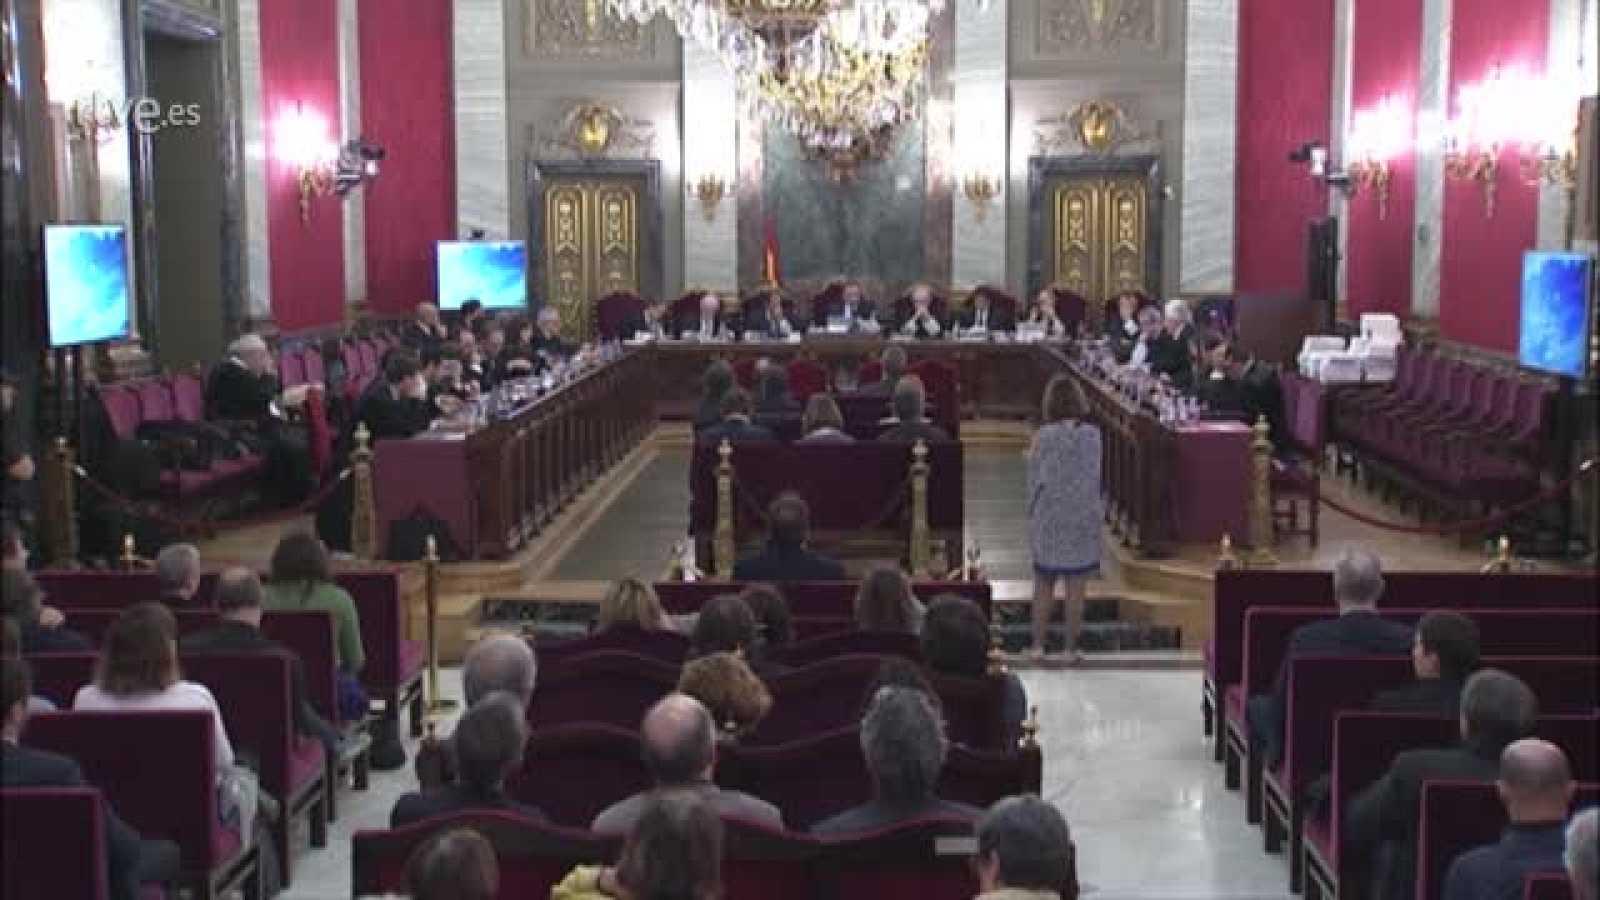 Vídeos propuestos por la Abogacía del Estado para probar que hubo sedición